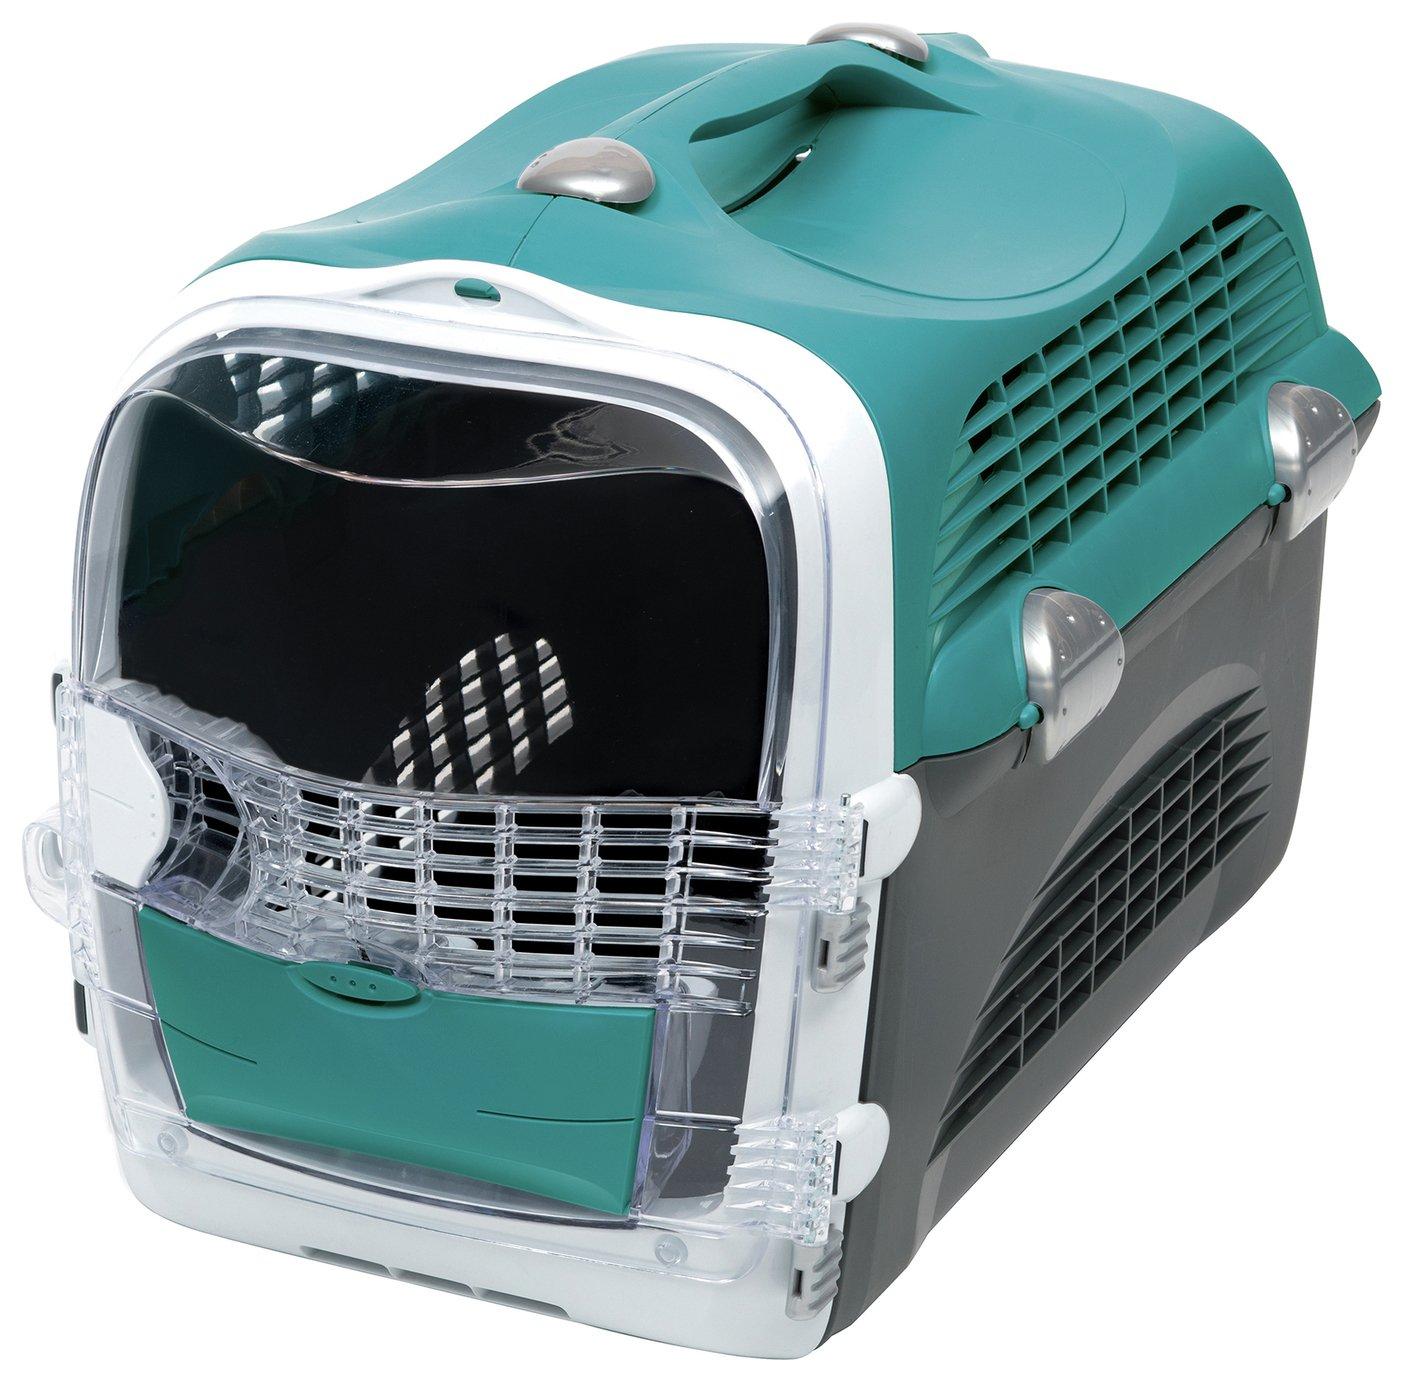 Catit Cabrio Pet Carrier - Turquoise